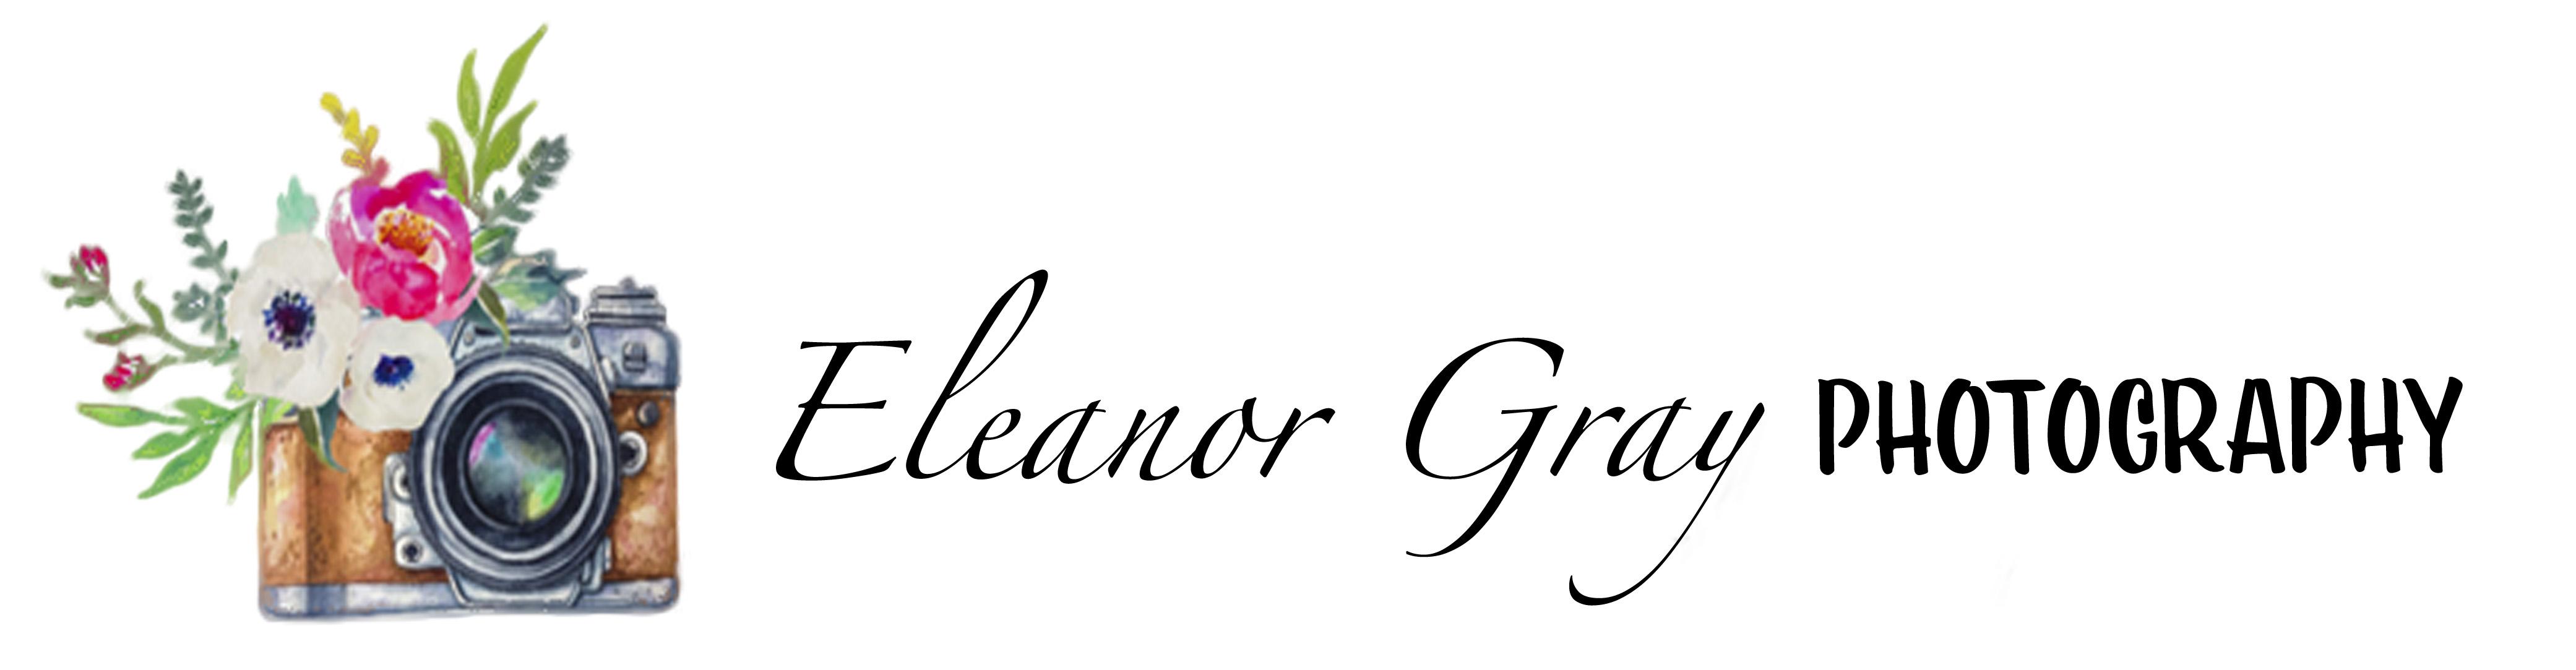 Eleanor Gray Photography